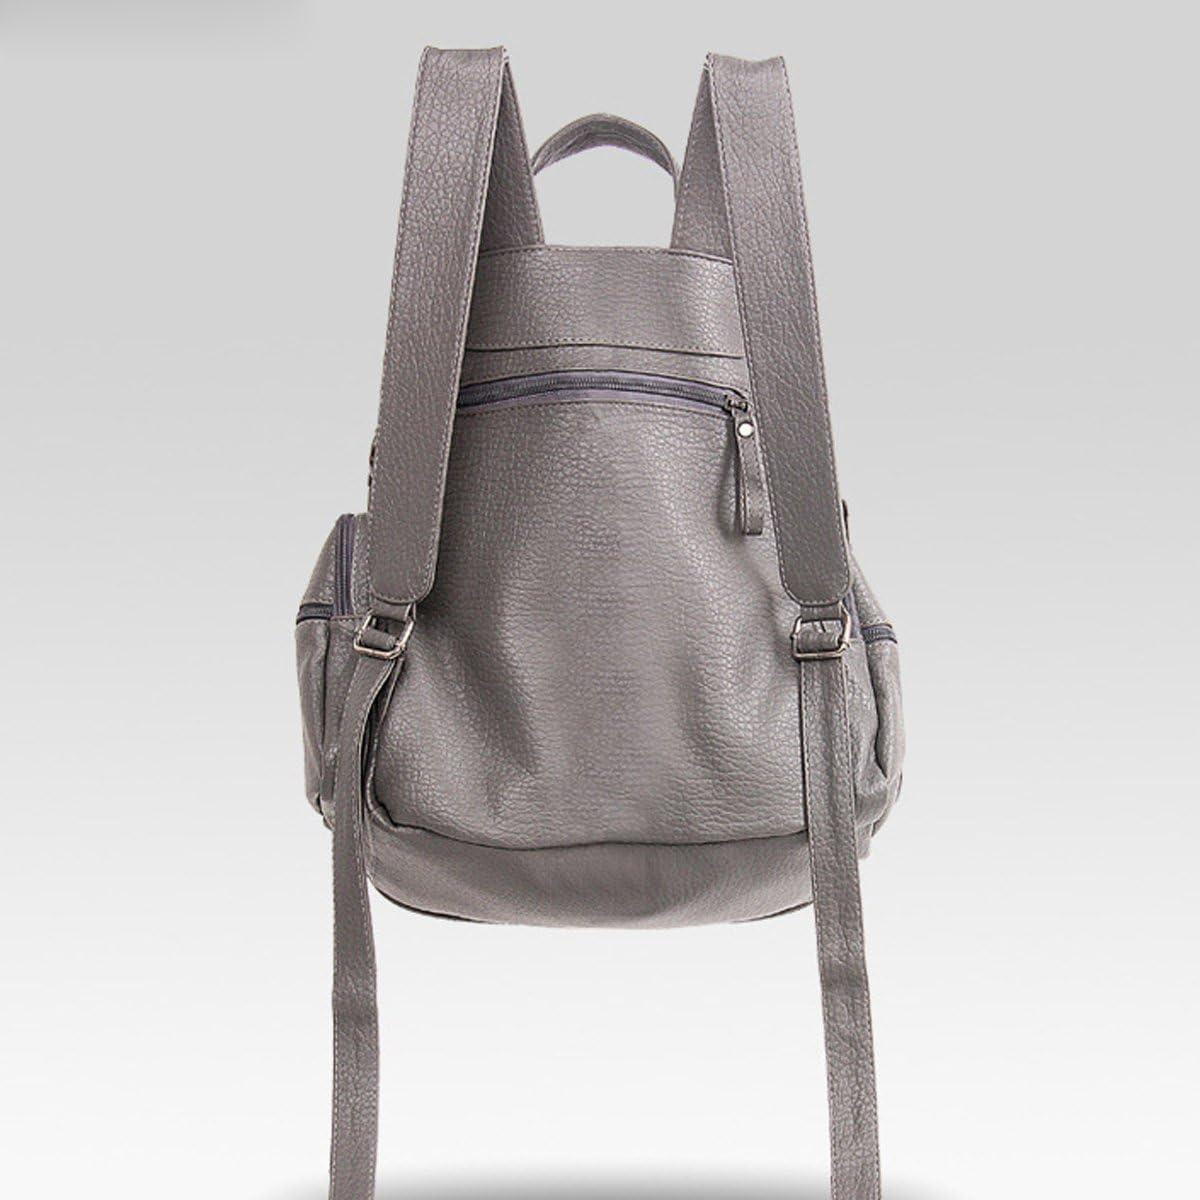 Woman New Style Washable Leather Shoulder Bag Fashion Rivet Multi Function Backpack Soft Single Shoulder Bag